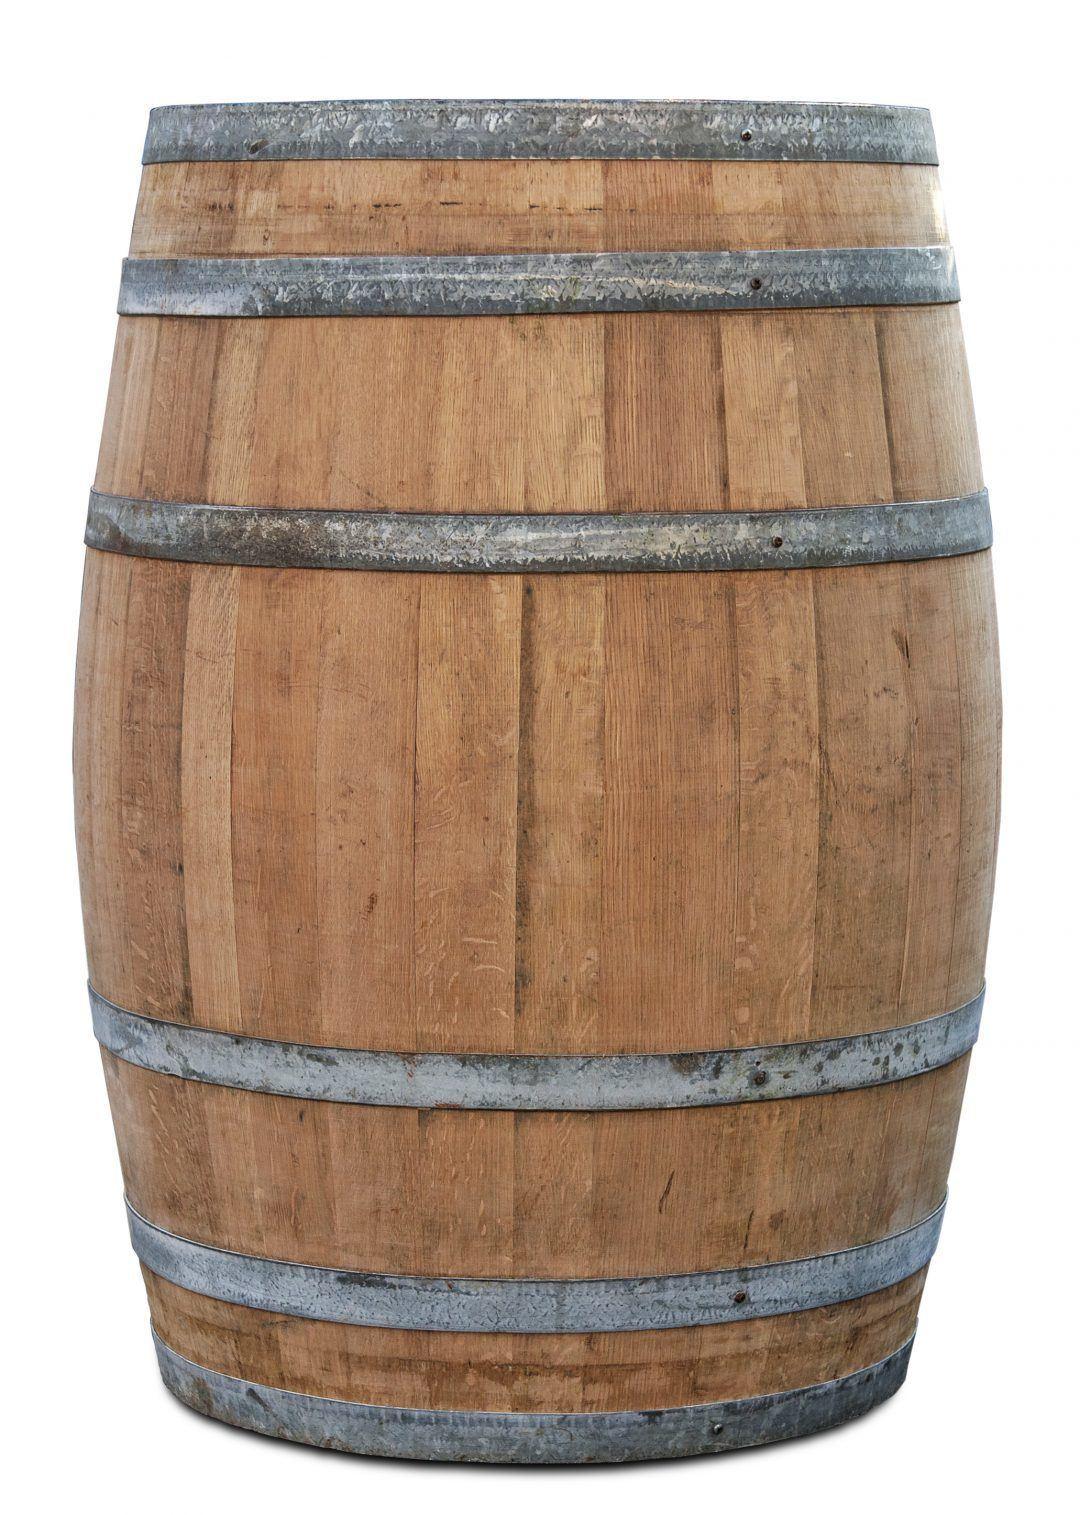 Big-Wooden-Barrel